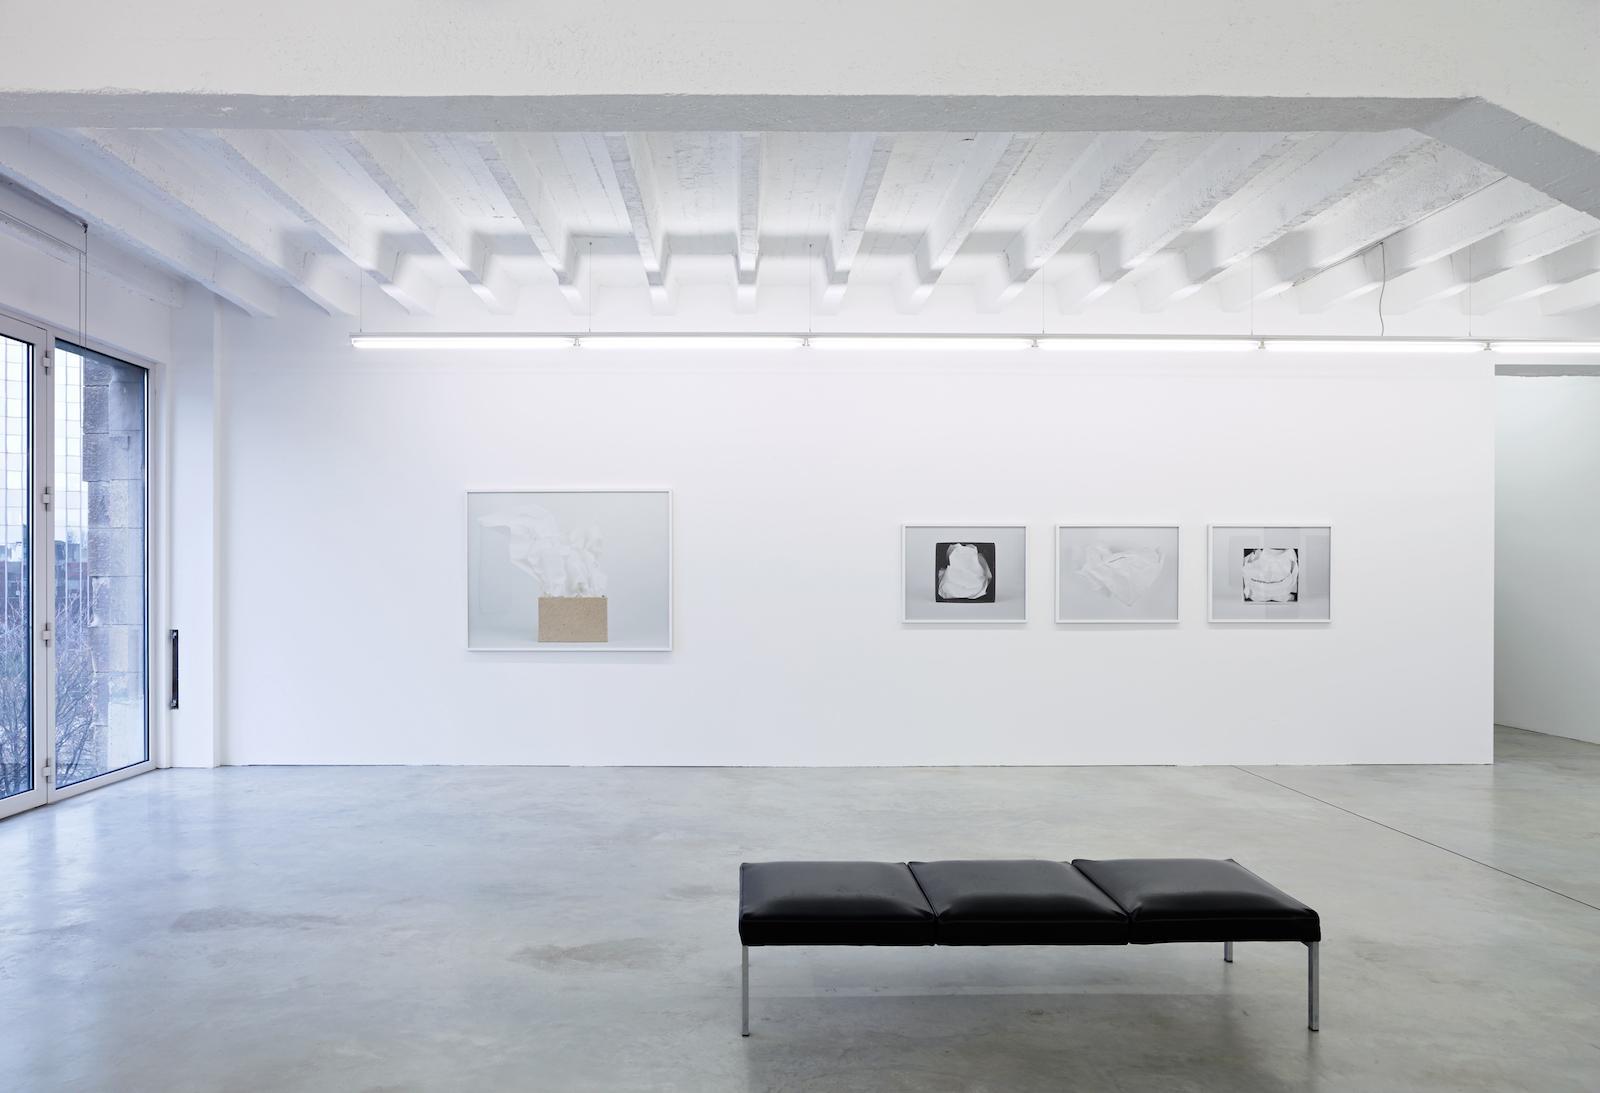 Iso huone, jonka seinällä neljä taideteosta. Tilassa tyhjä penkki.